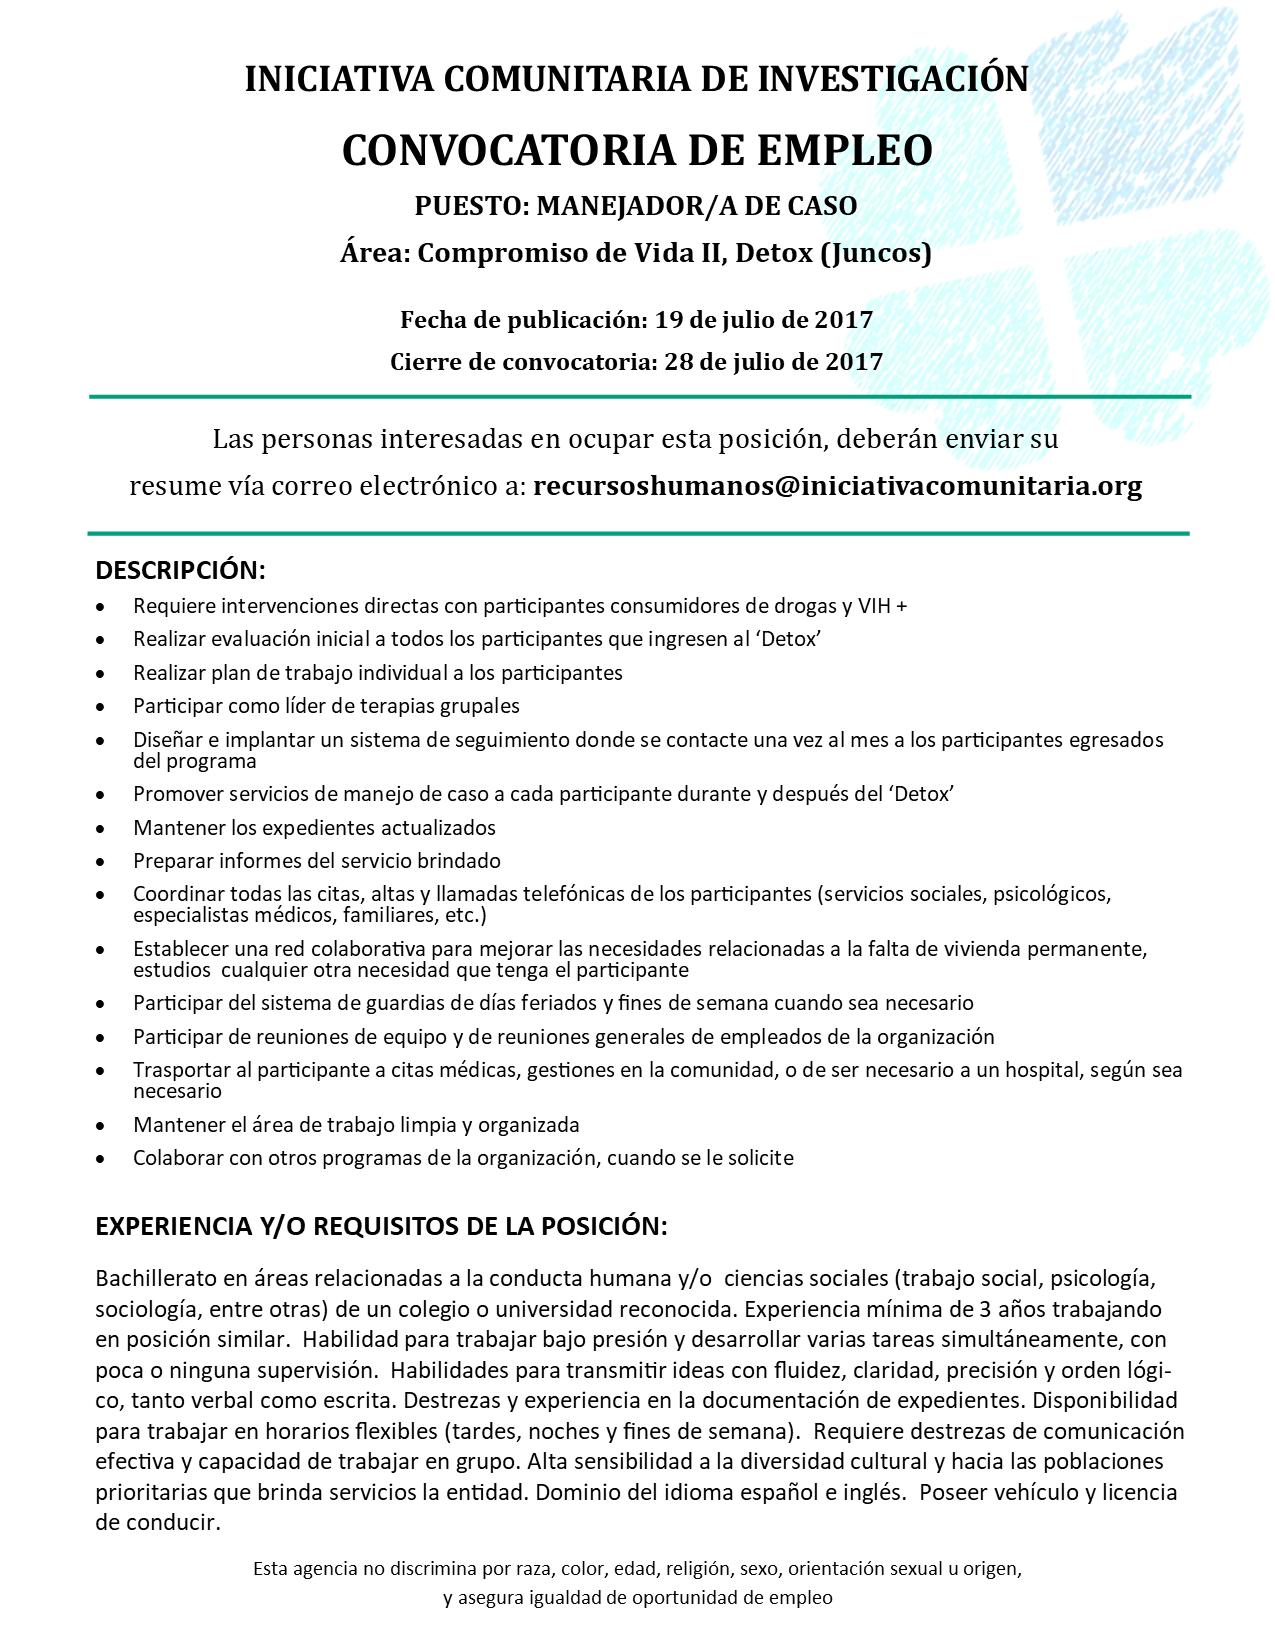 Iniciativa Comunitaria | Convocatoria Manejo de Casos CV2 Detox